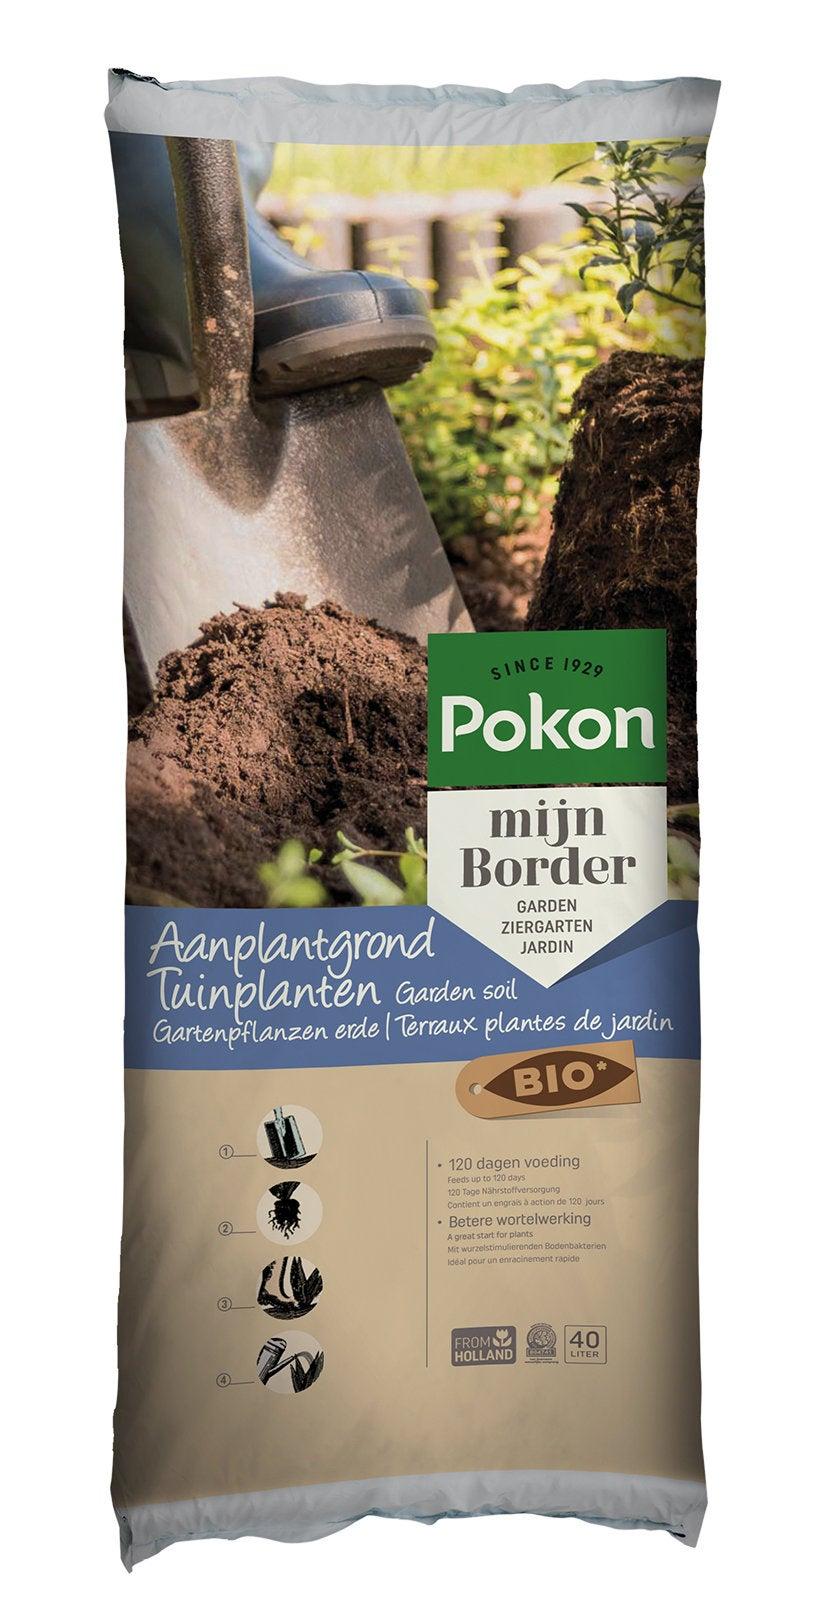 Pokon Bio aanplantgrond tuinplanten 40L